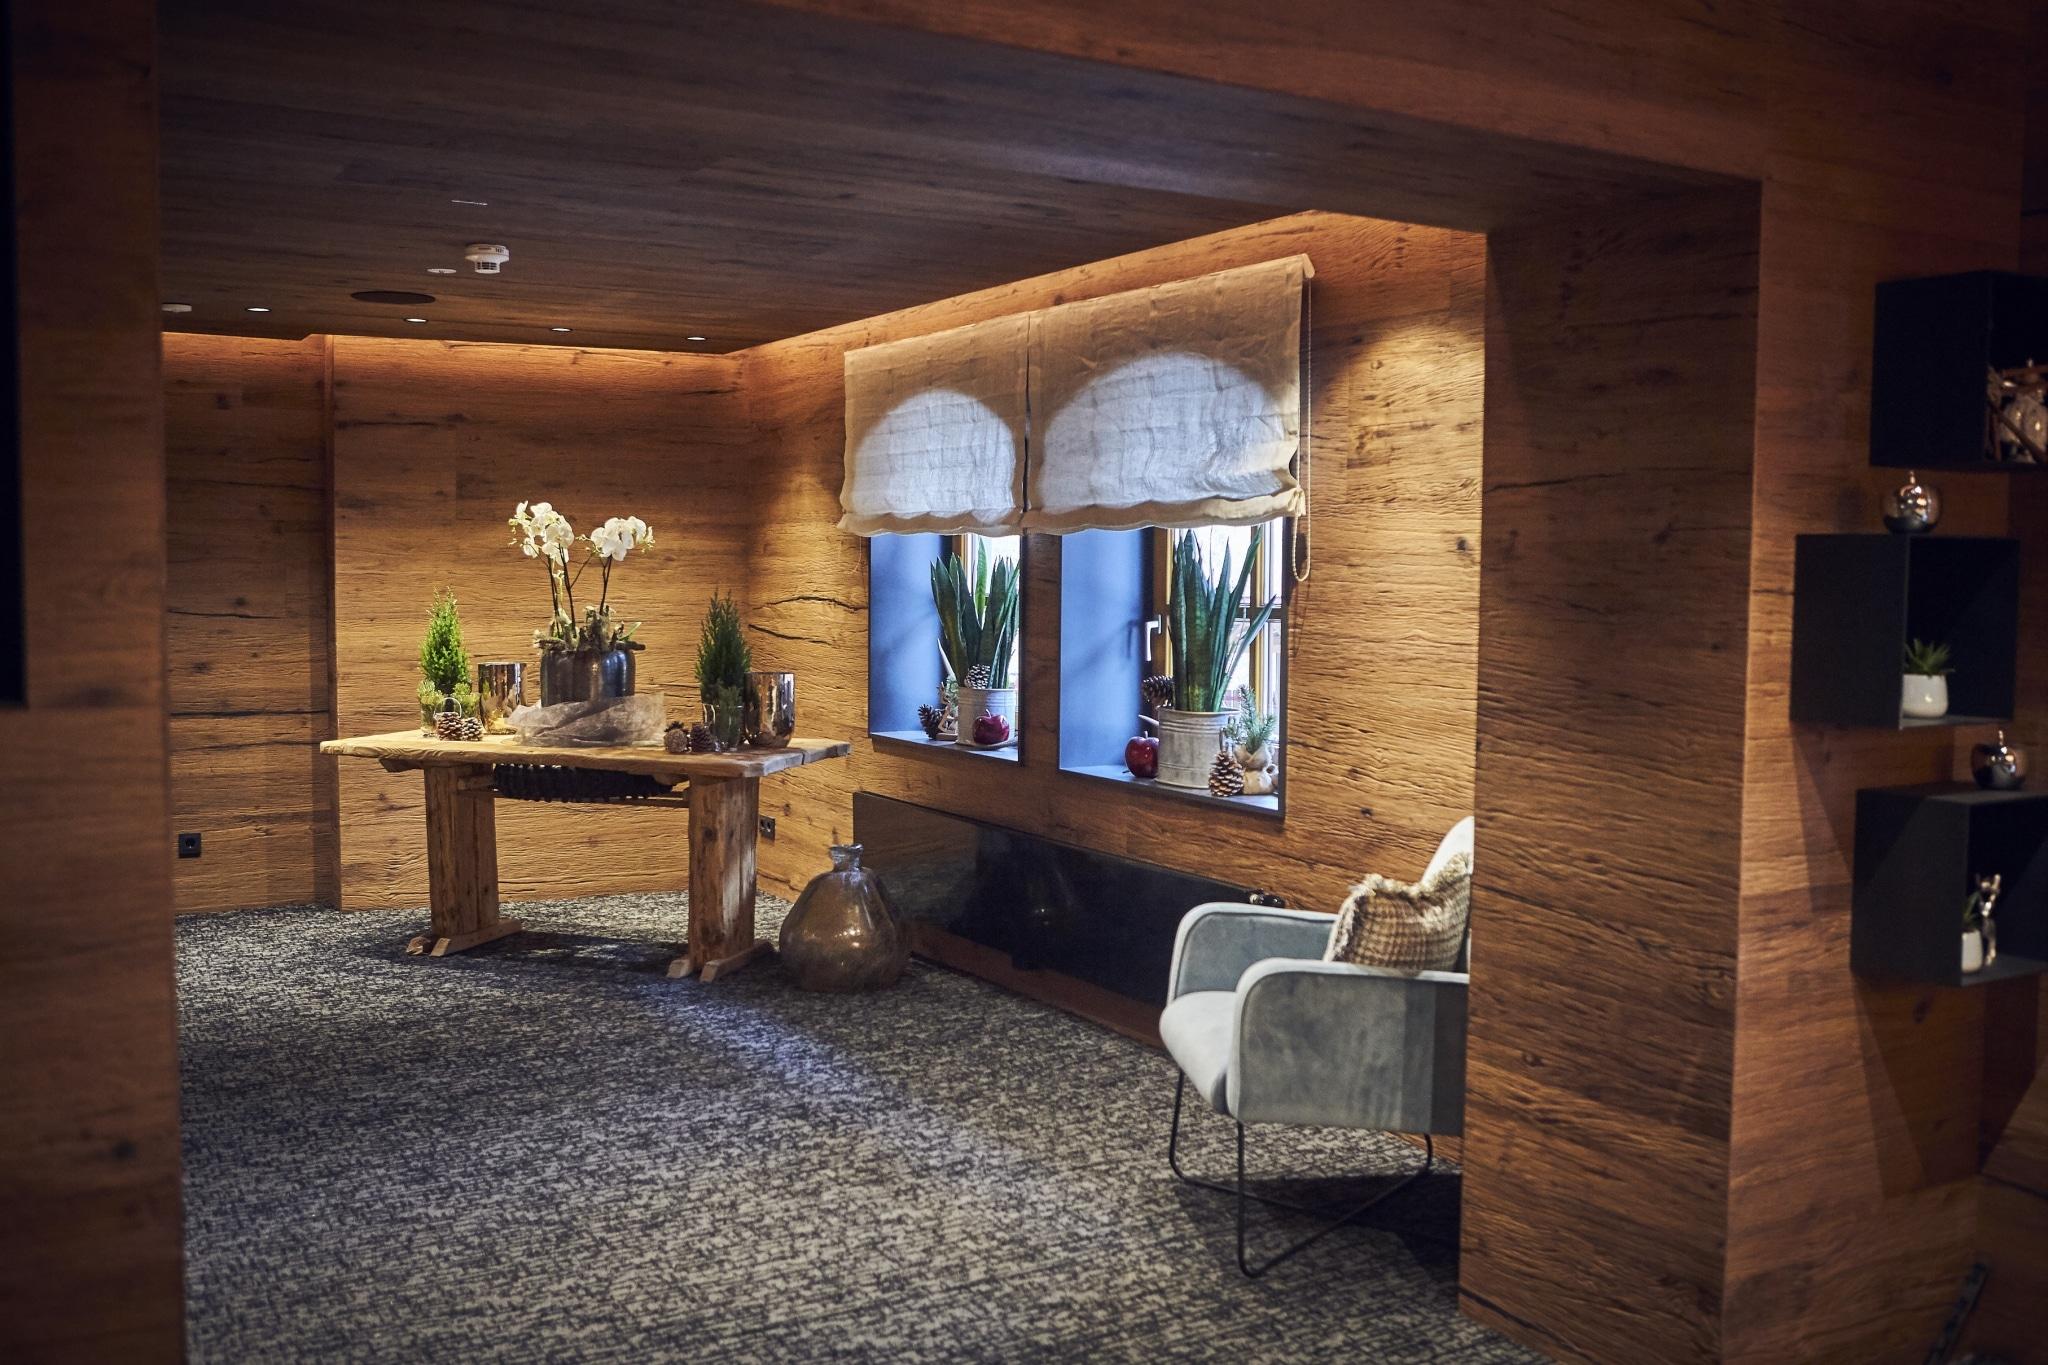 Der Eingangs- und Aufenthaltsbereich mit grauem Teppichboden und einem Holztisch mit Dekoartiekln